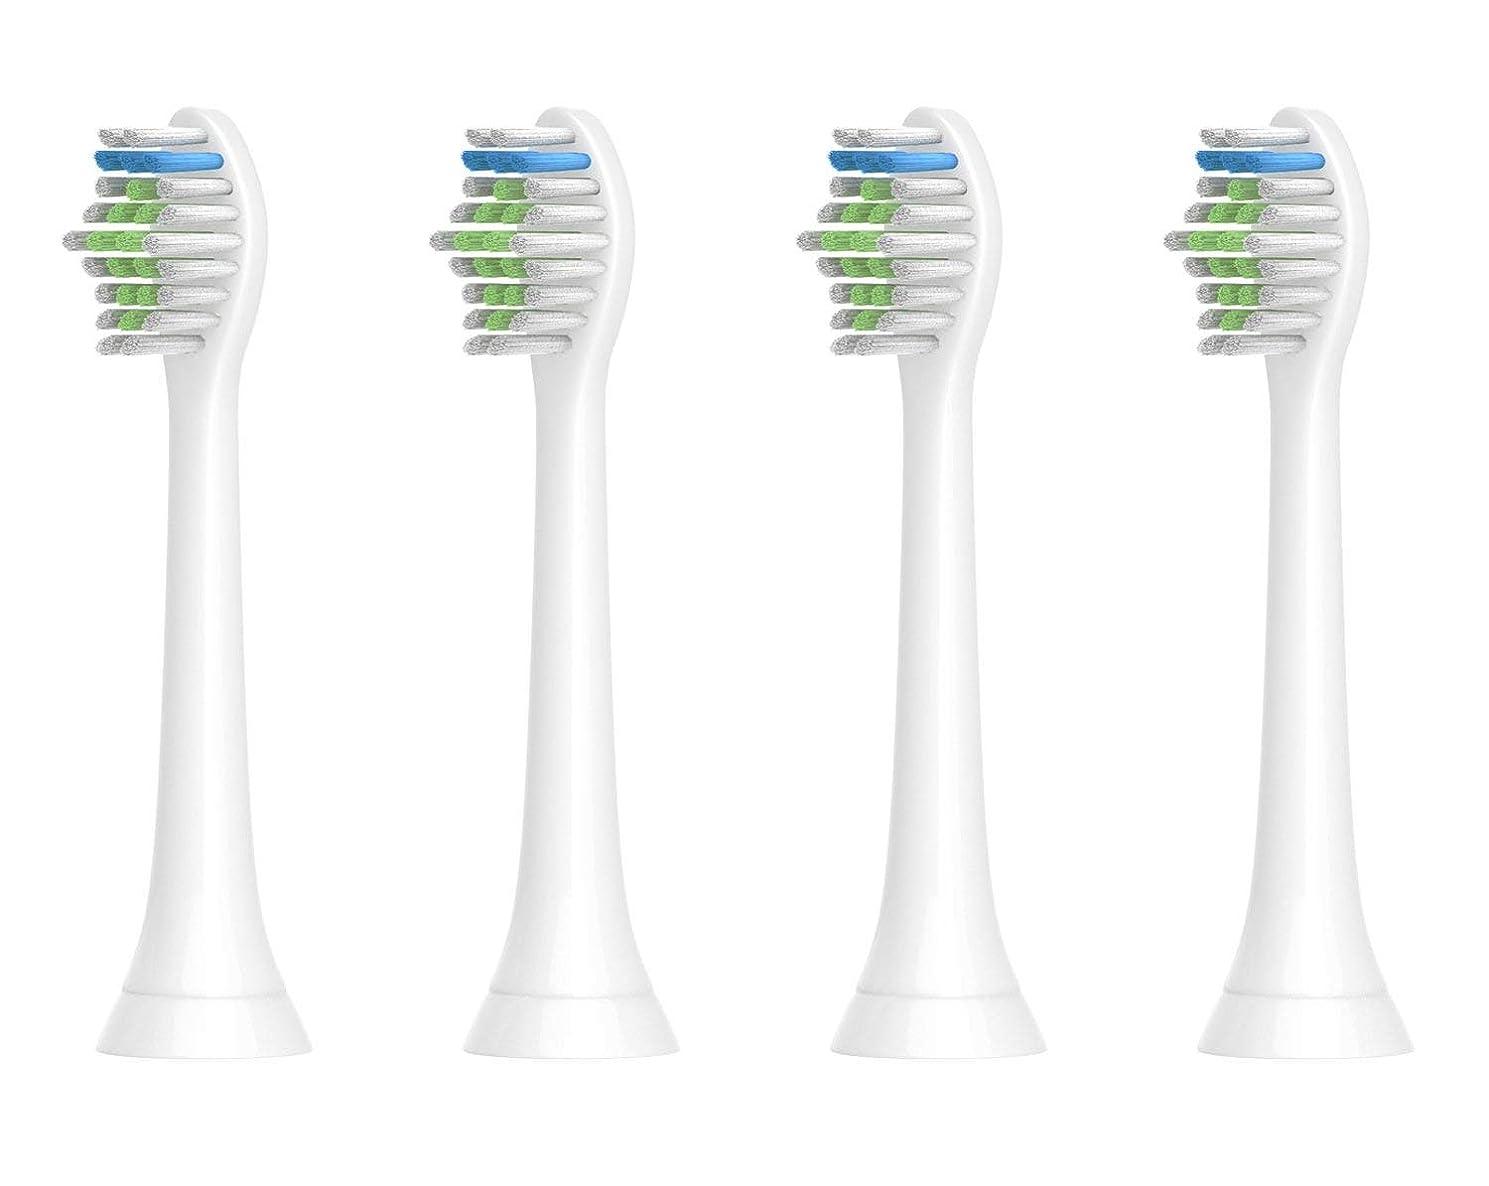 レガシードキュメンタリーほこりWuYan 互換性 Philips Sonicare 歯ブラシヘッド用 Philips Sonicare 電動歯ブラシ ダイヤモンドクリーン ヘルシーホワイト フレックスケア イージークリーン エッセンス+ パワーアップ に最適 4 パック